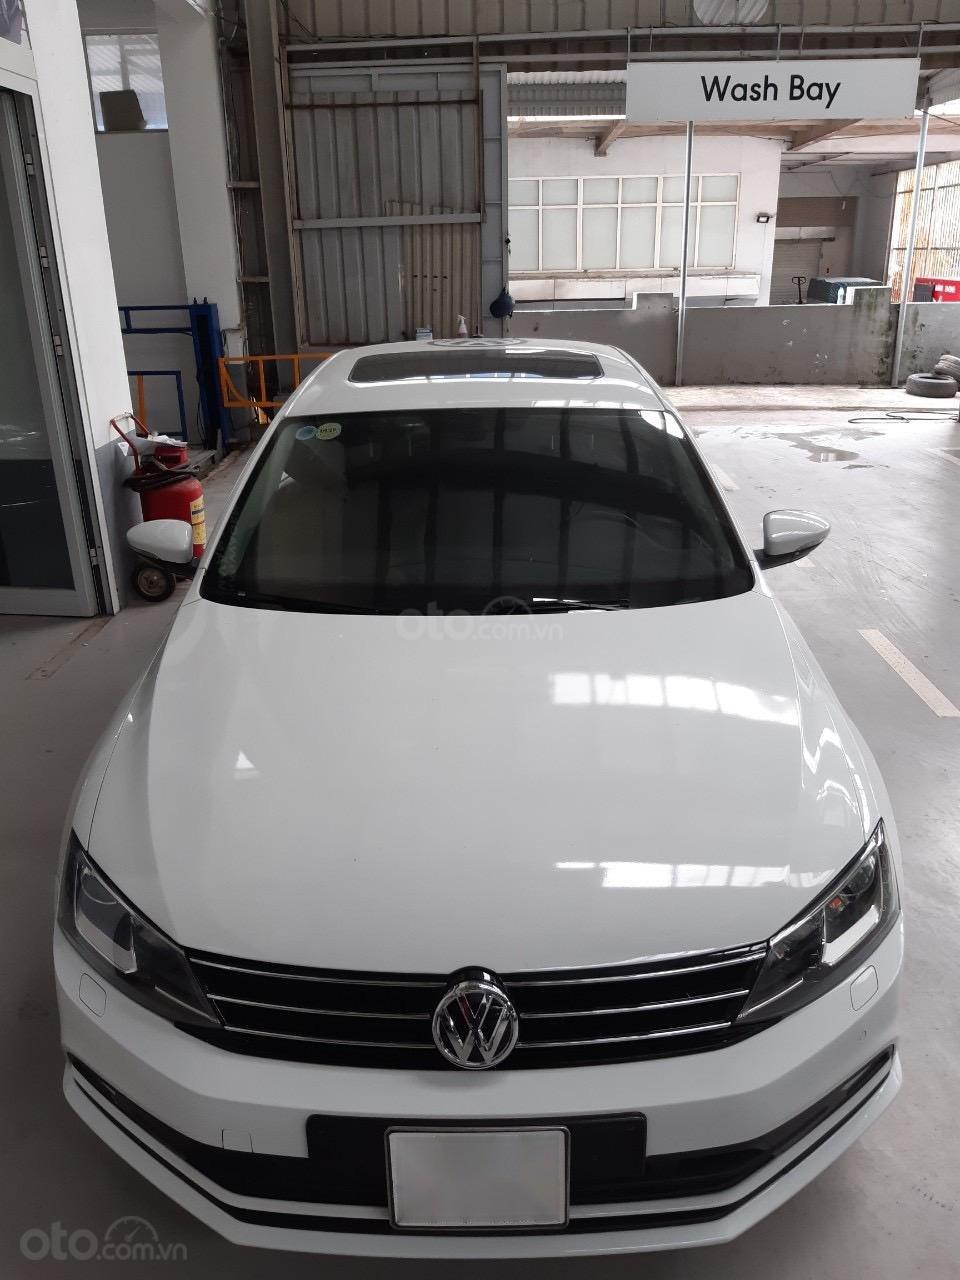 Bán xe Volkswagen Polo màu trắng, đăng kí 2017 (1)